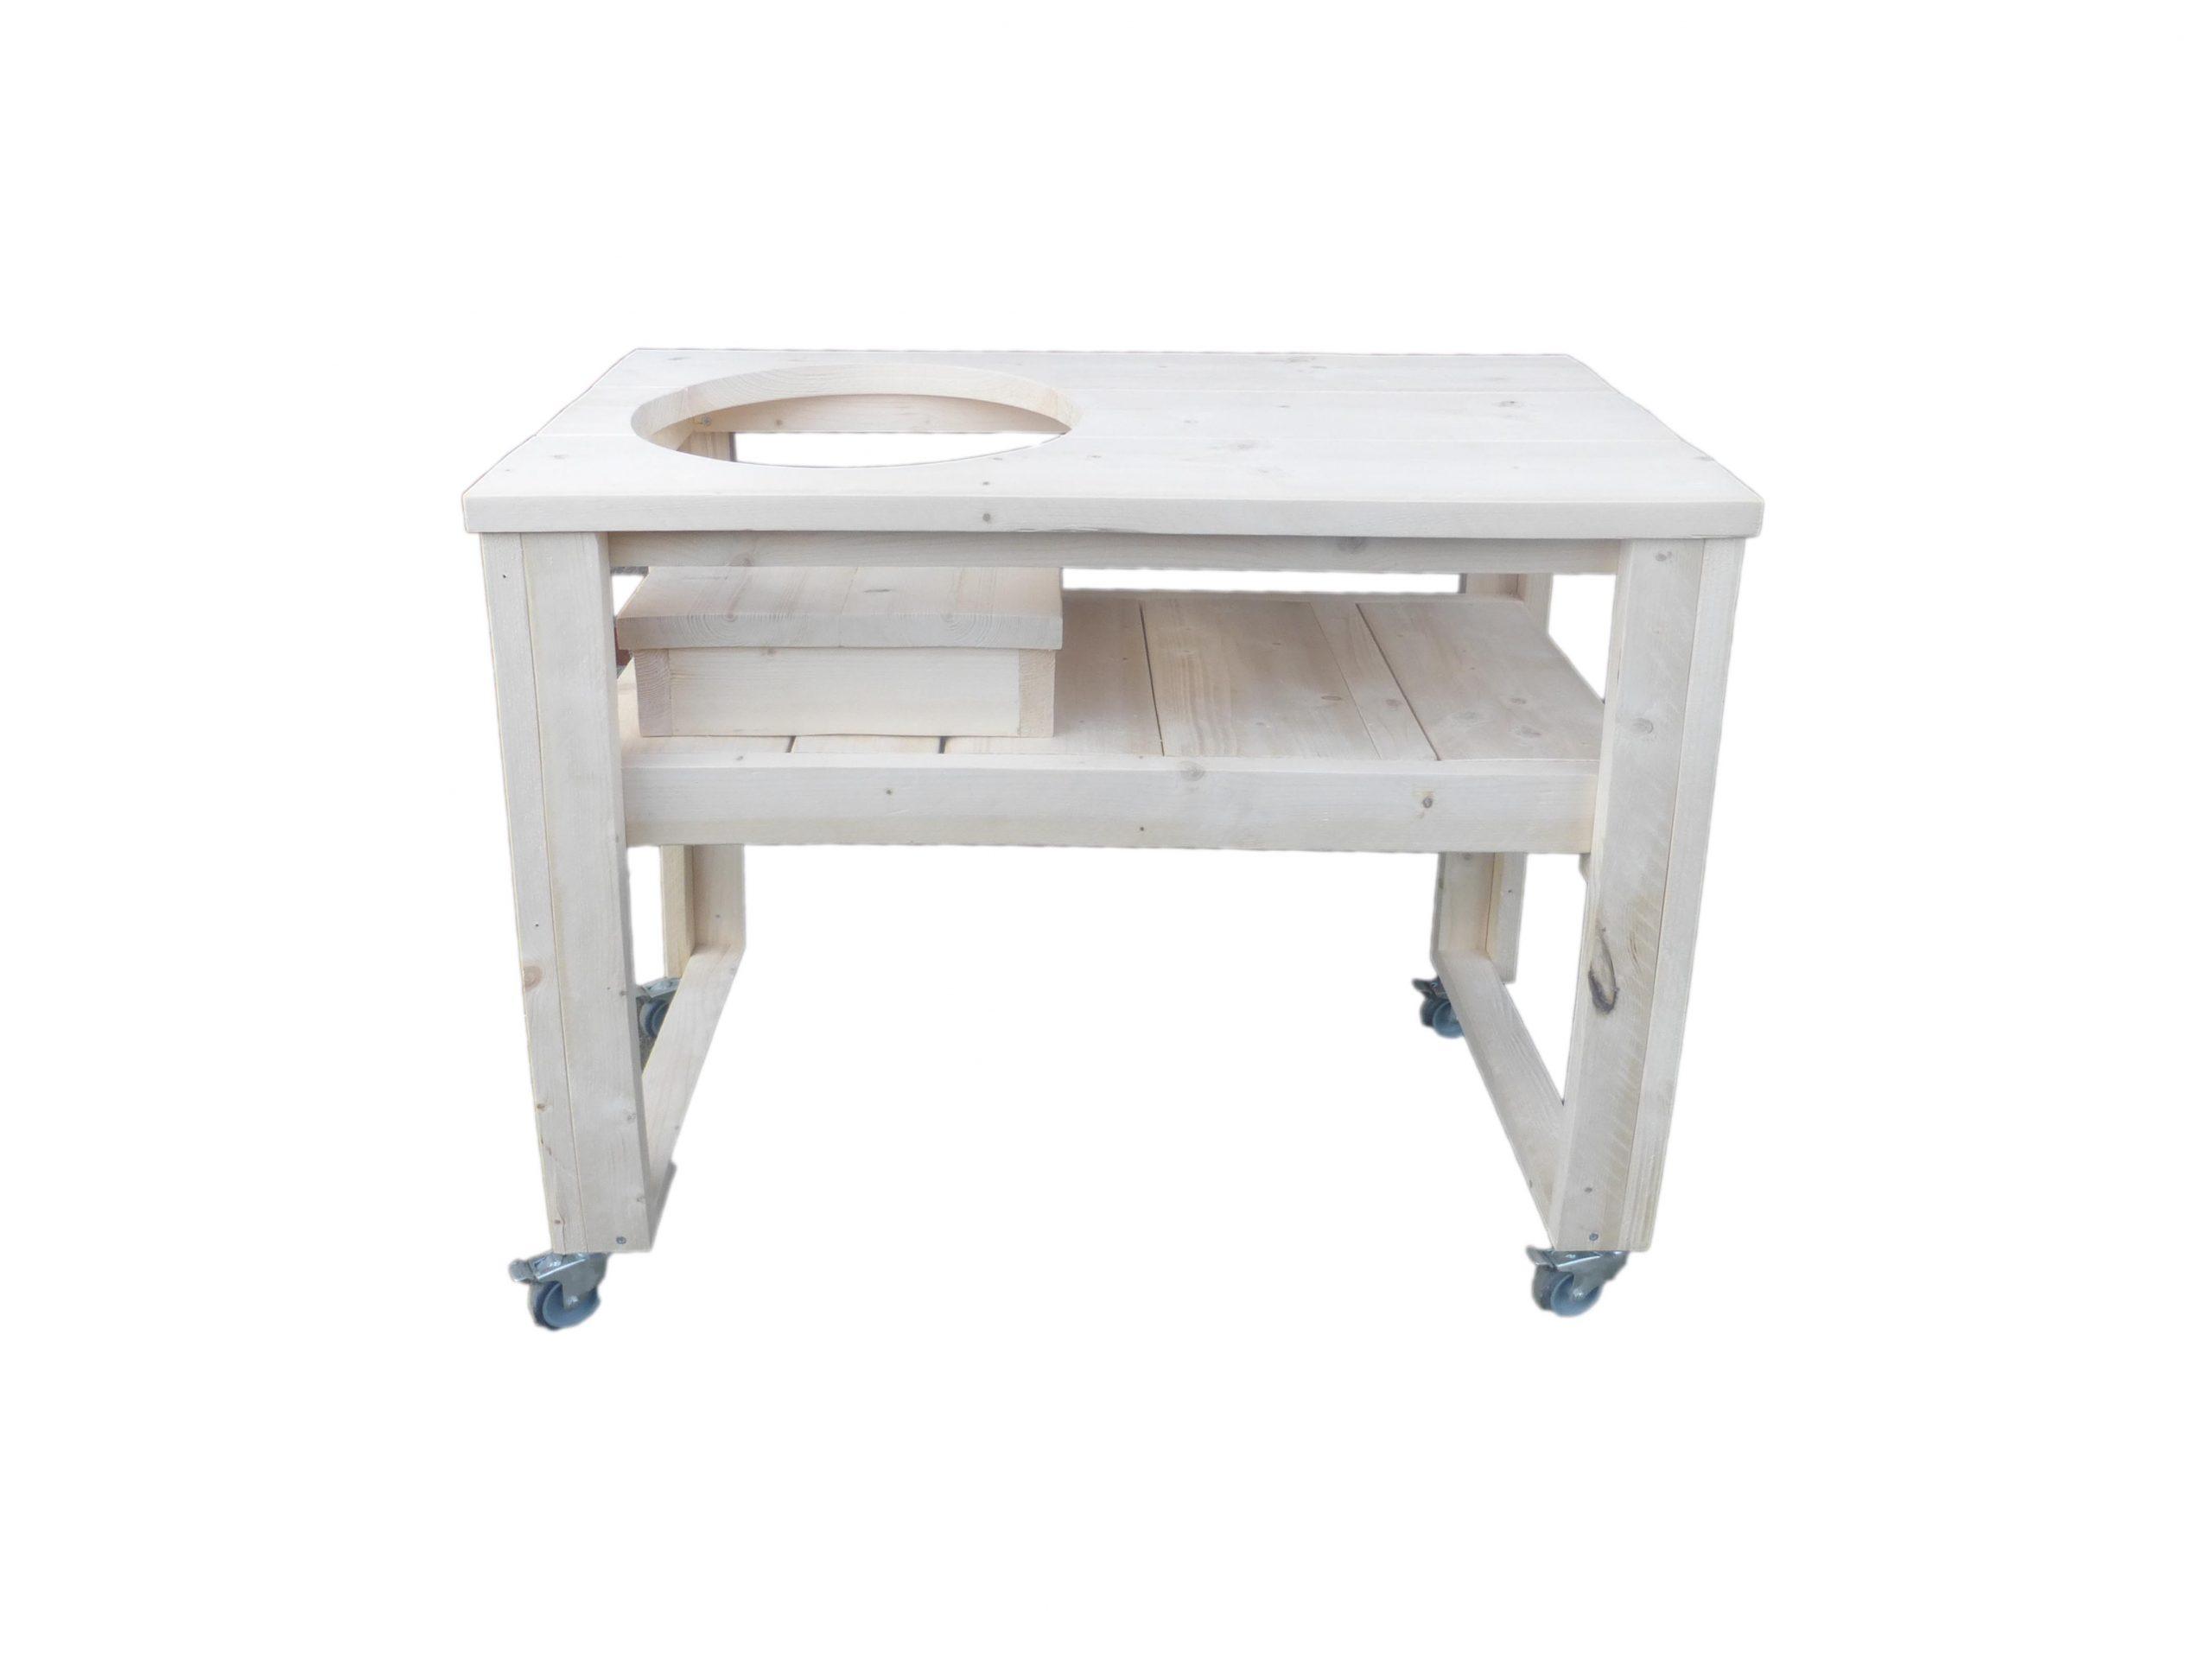 Industriele Tafel Goedkoop : Industriele tafel goedkoop 66plt. beste steenoven kopen with